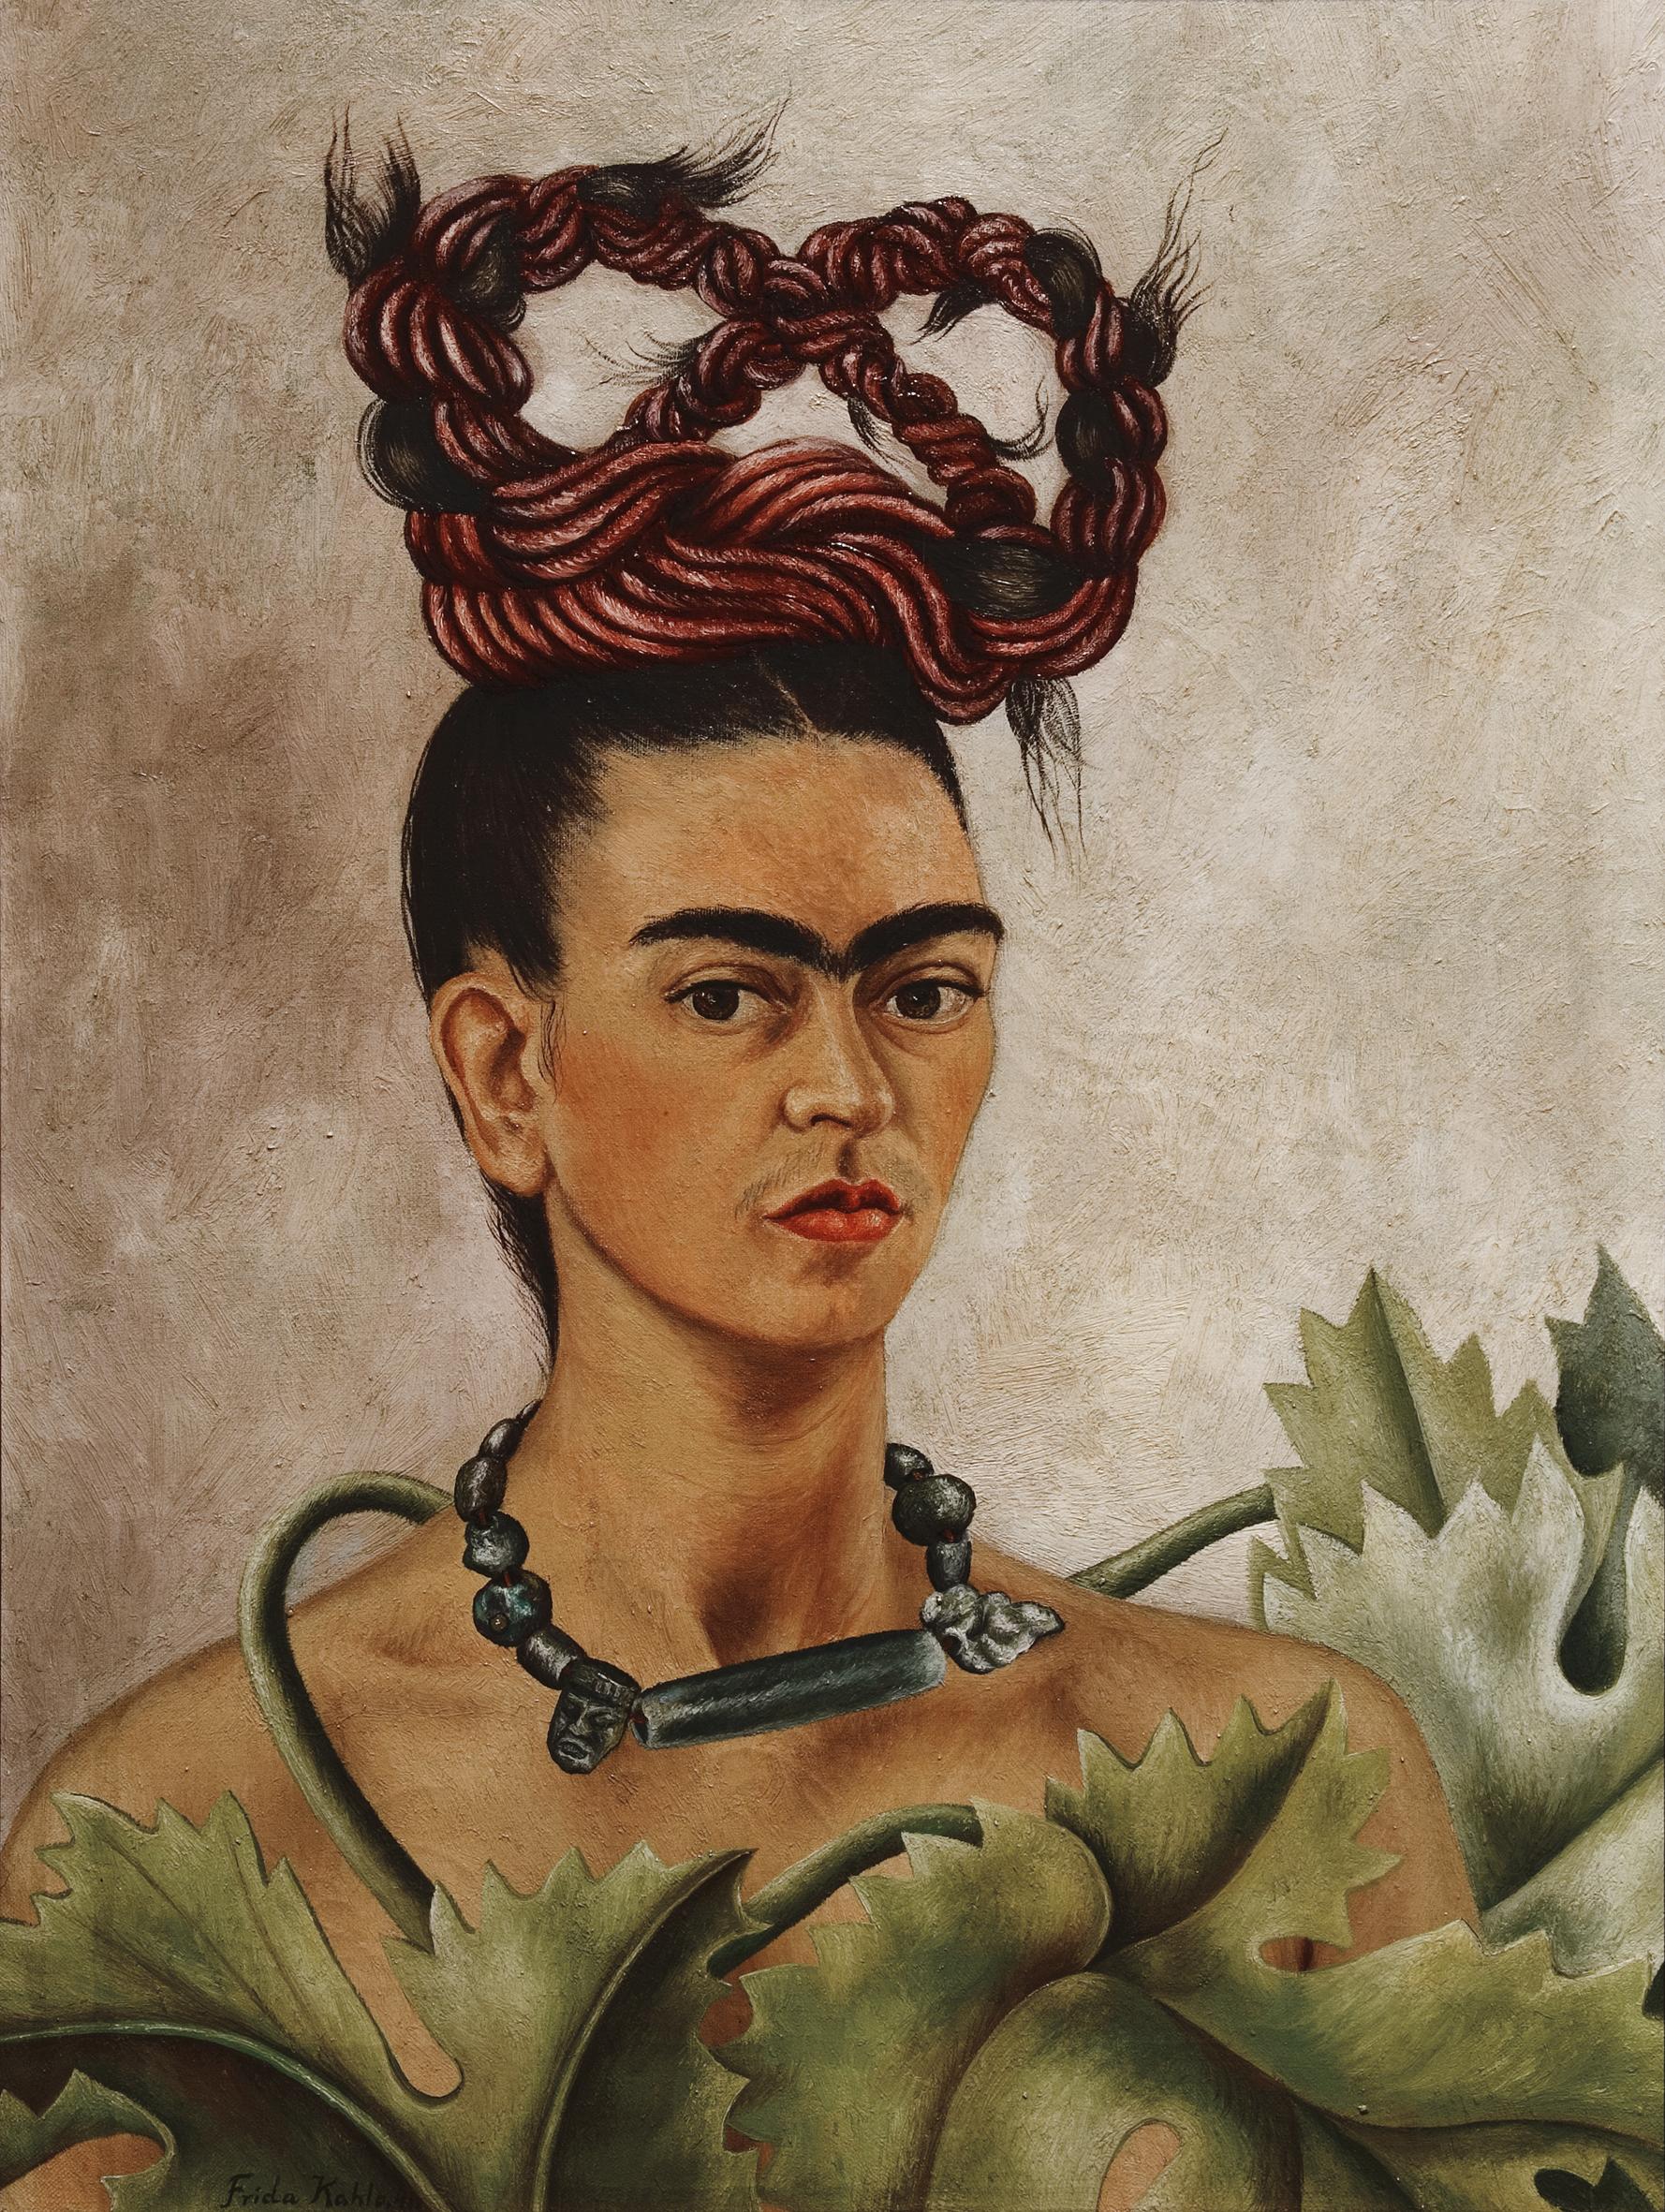 Autoritratto con treccia. Di Frida Kahlo